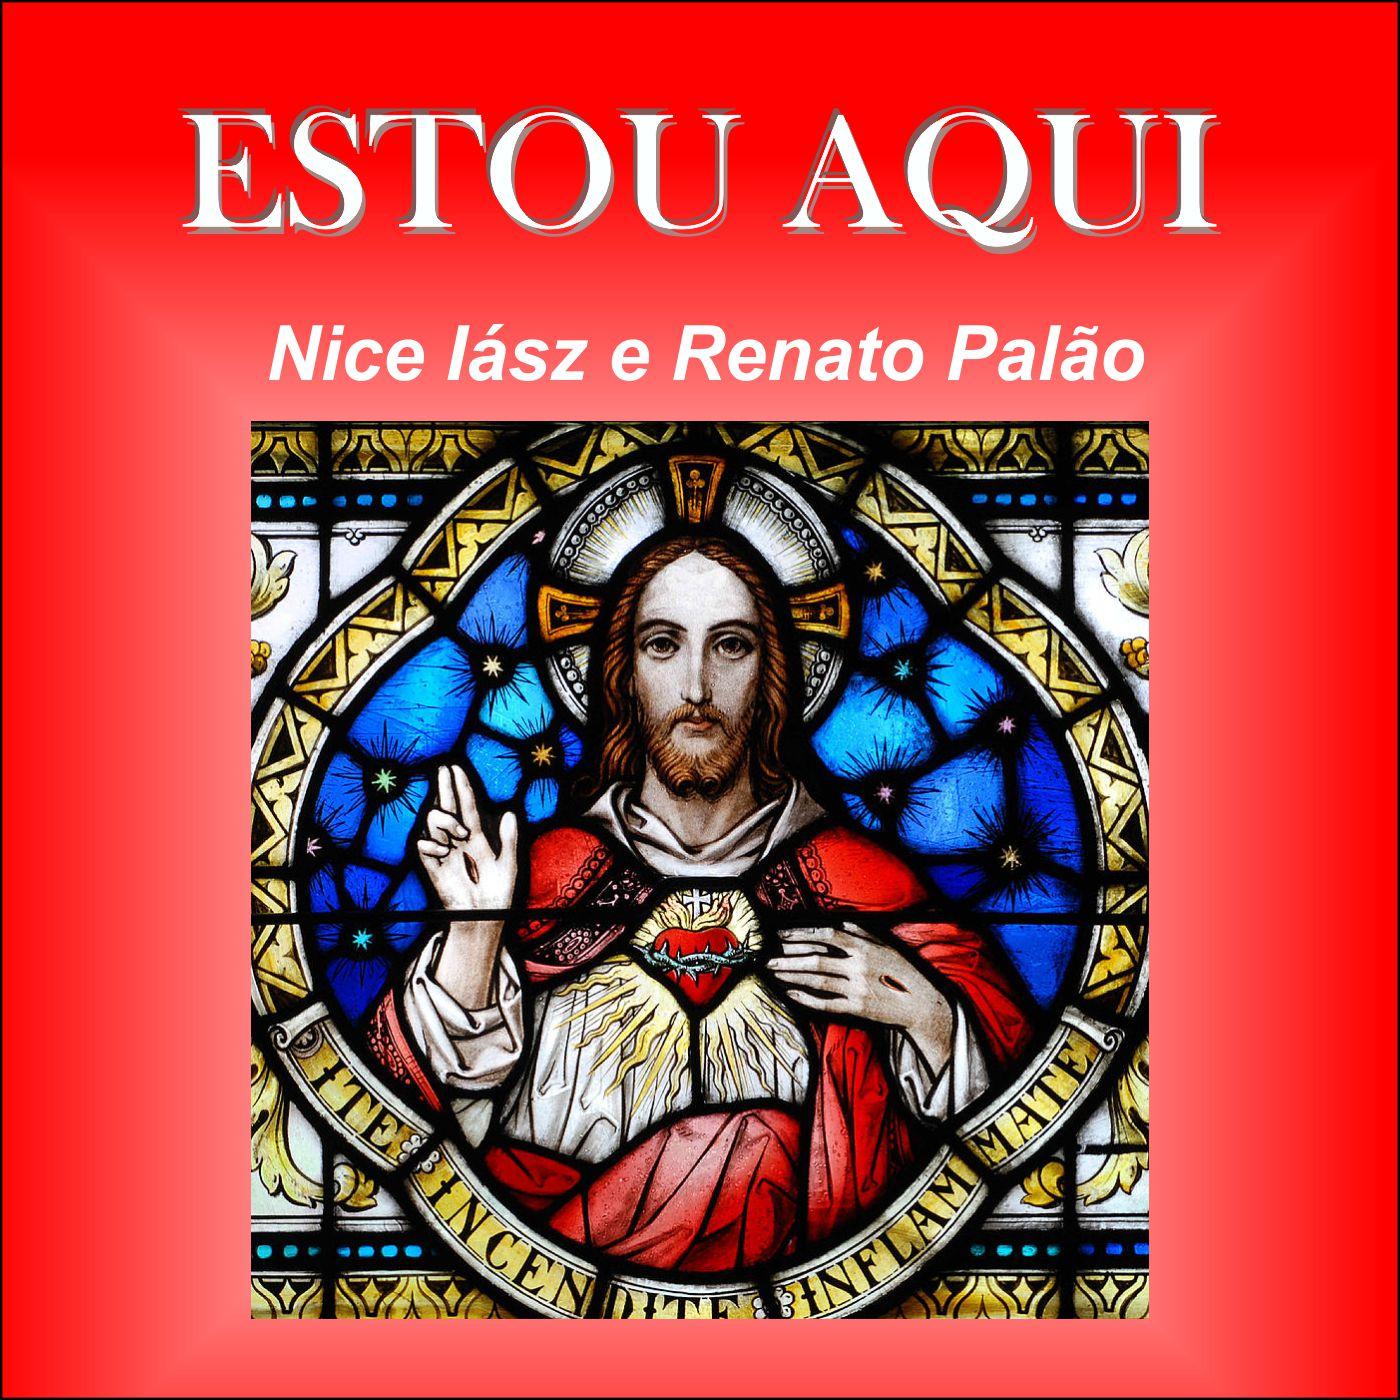 """"""" Estou aqui """" Nice Iász e Renato Palão"""